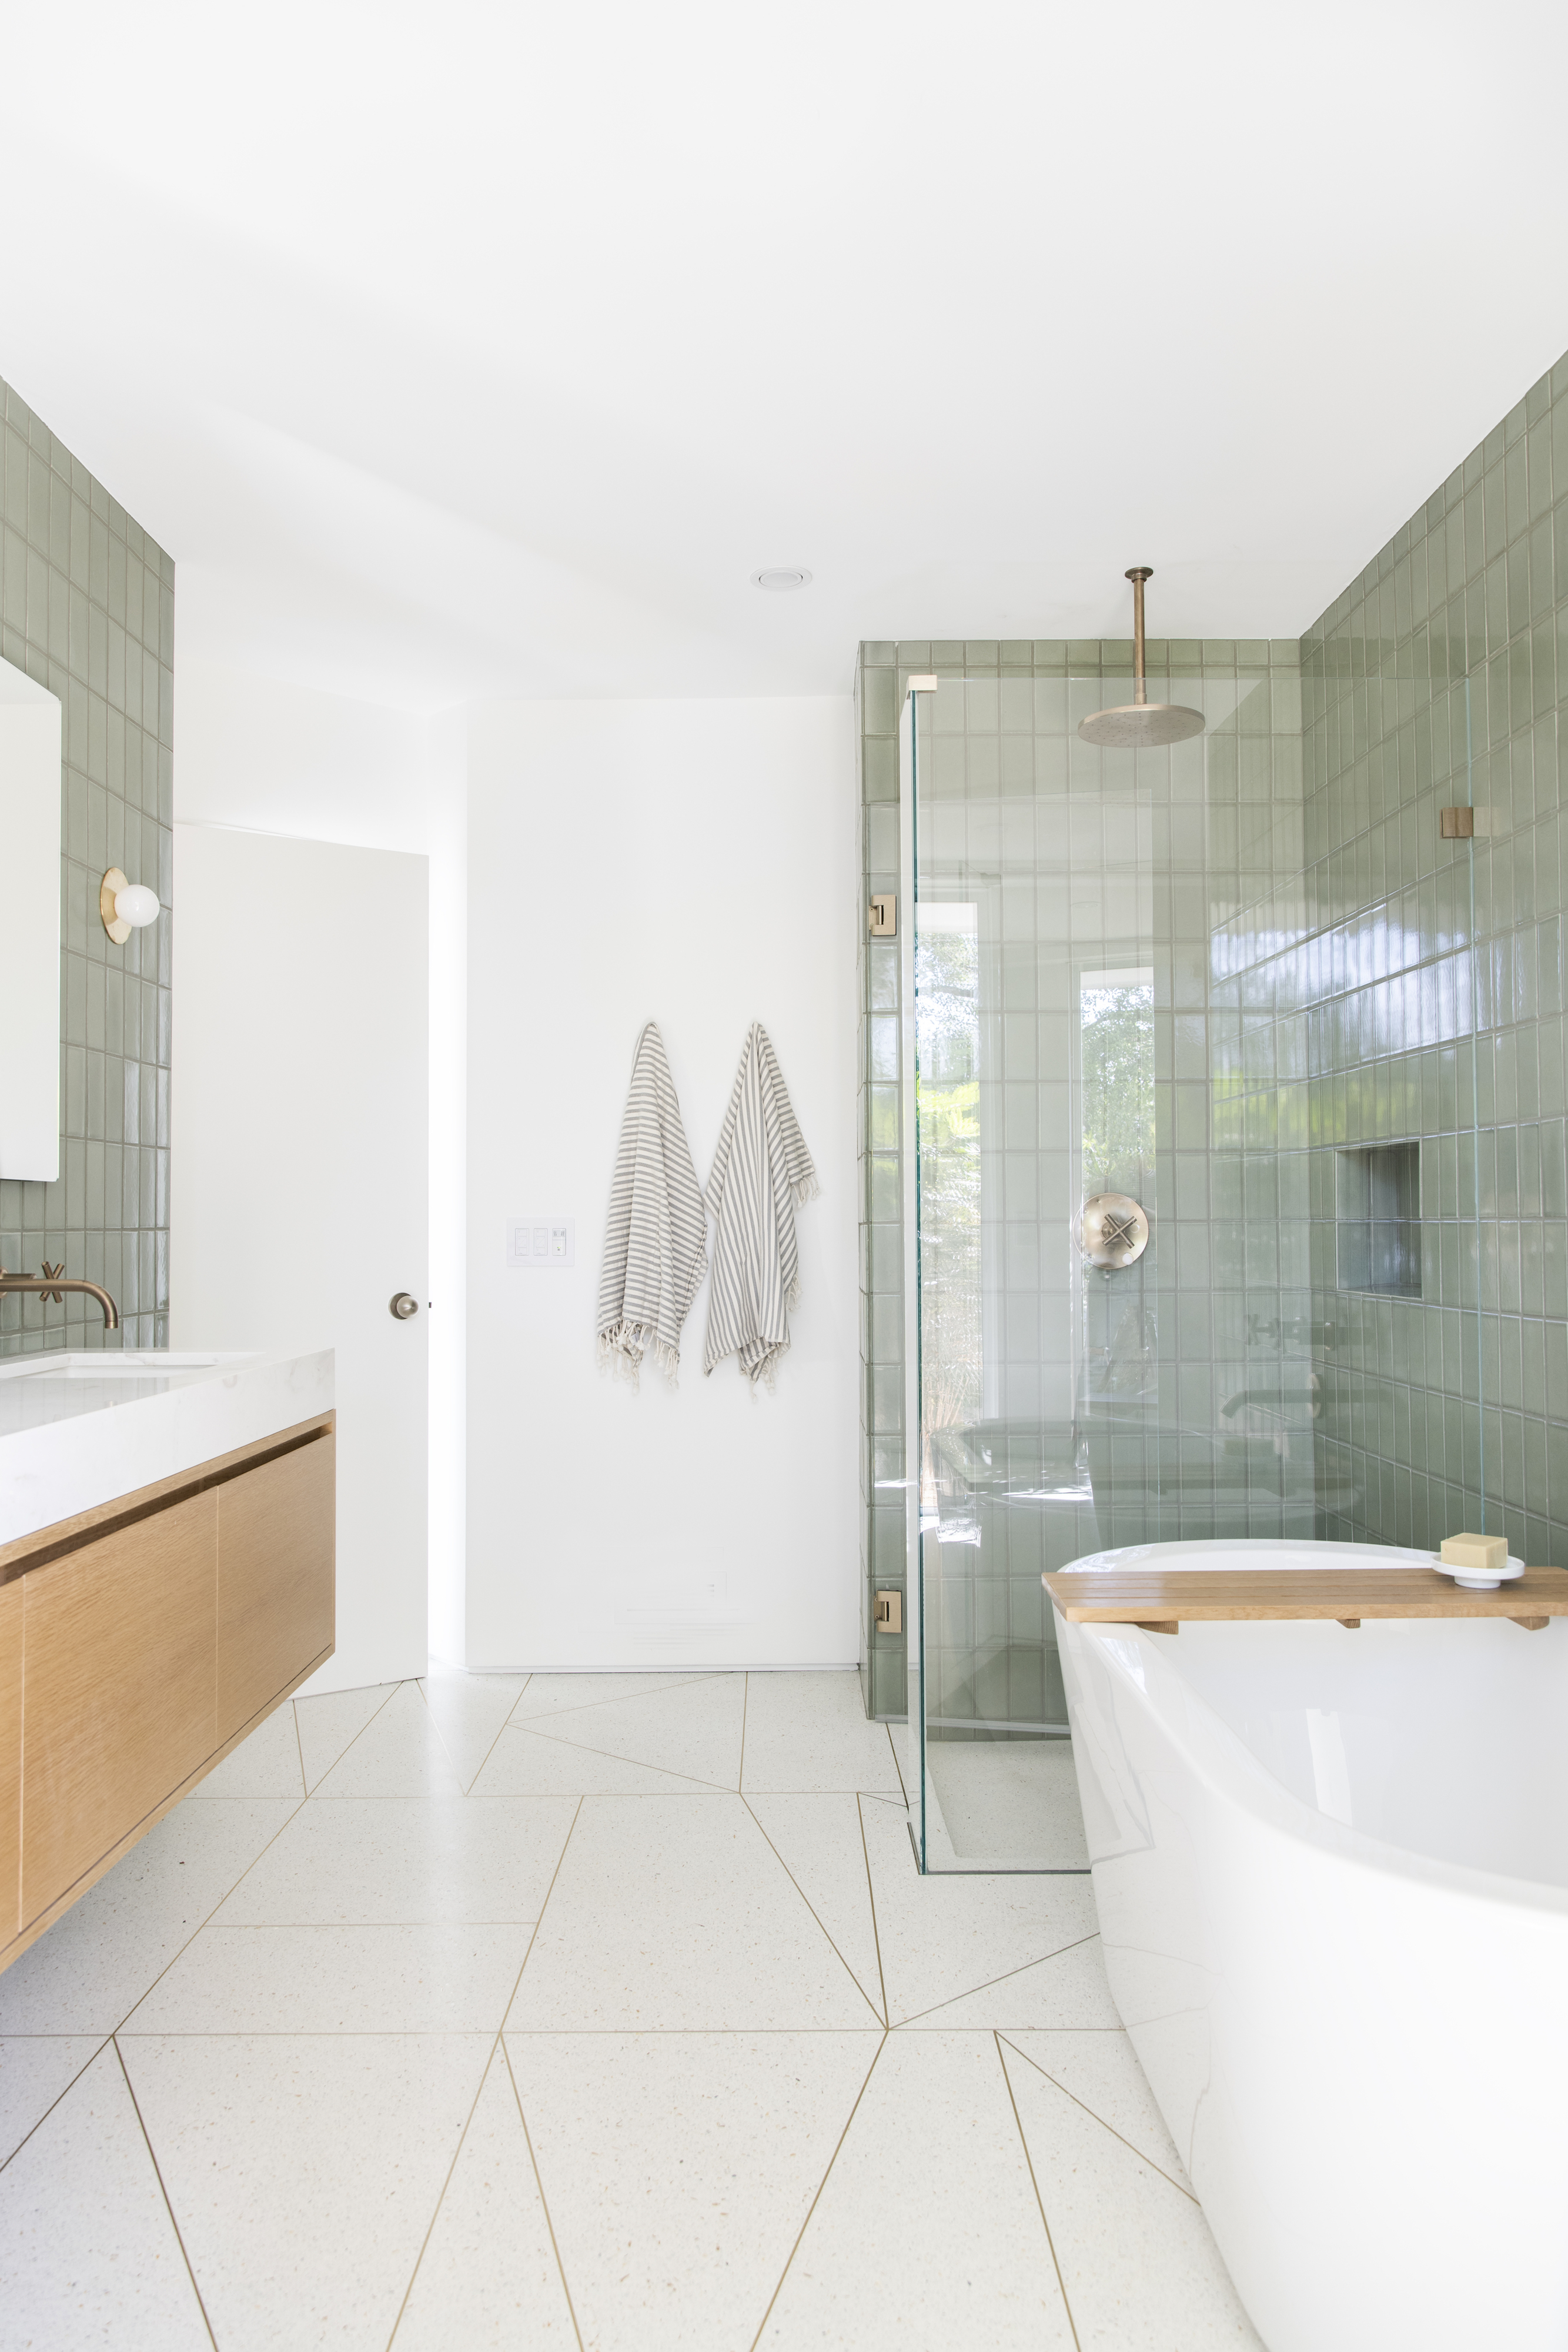 tile school: bathroom wall tile height, how high… | fireclay tile